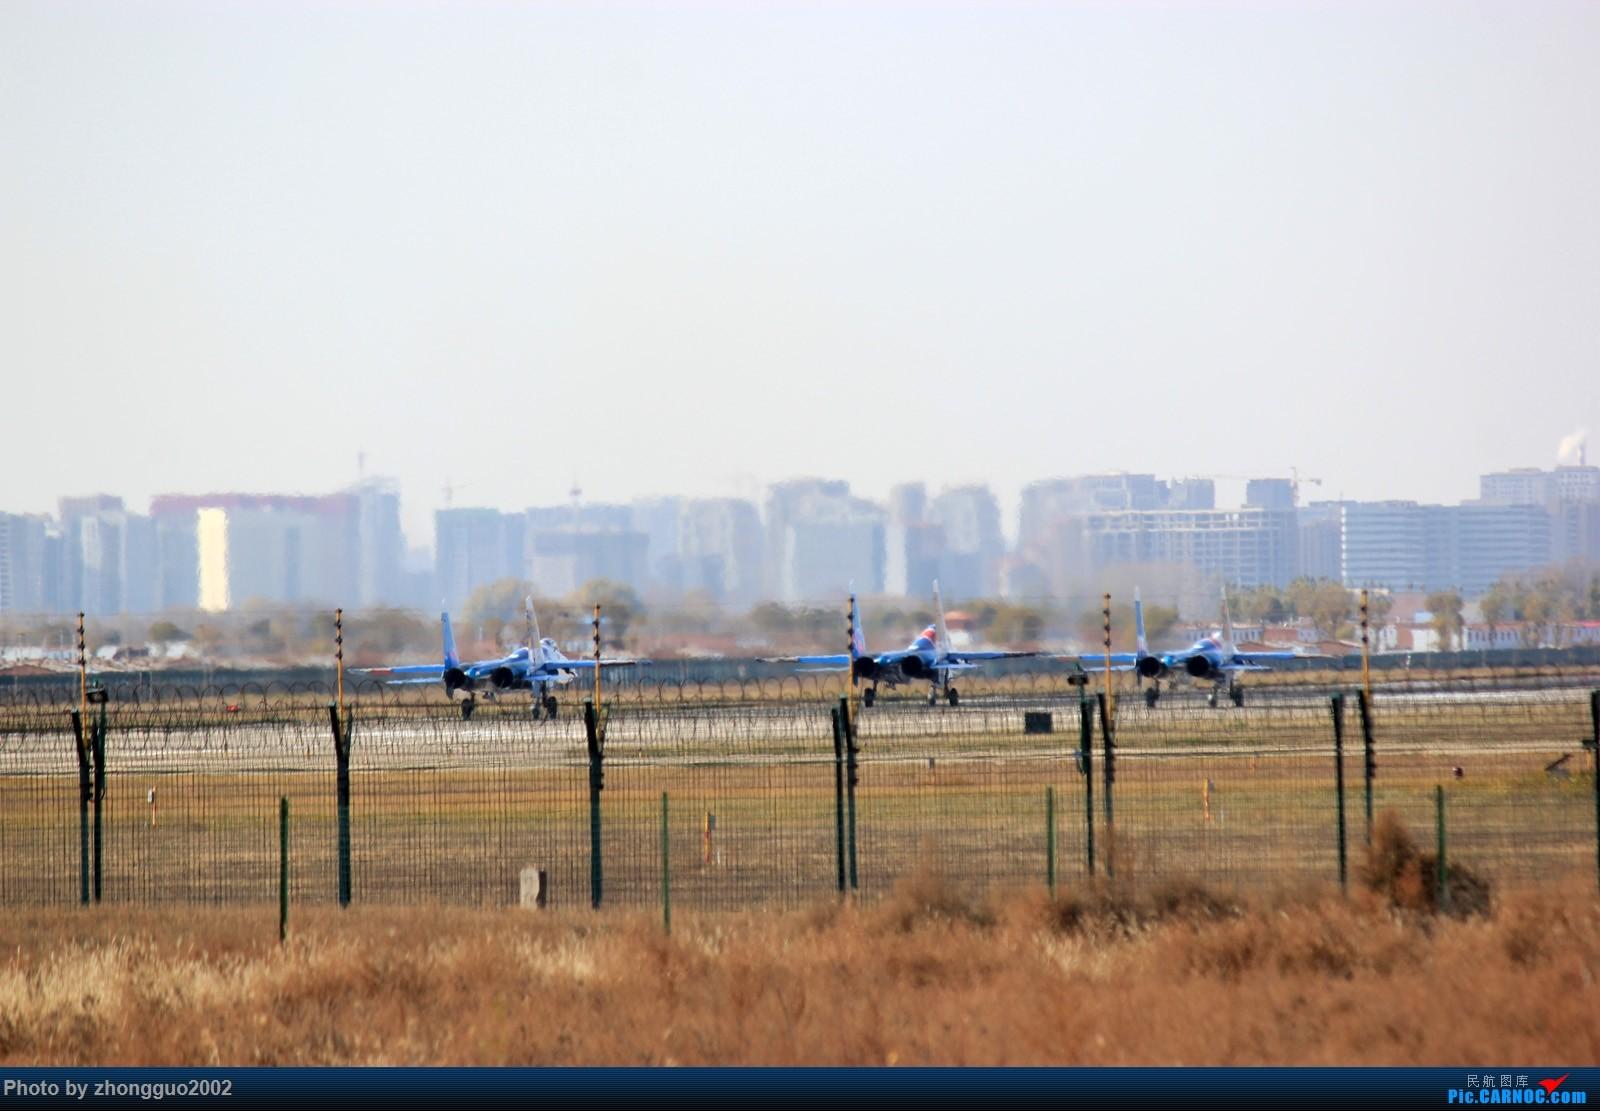 [原创]目送俄罗斯勇士表演队从呼和浩特机场飞向珠海!